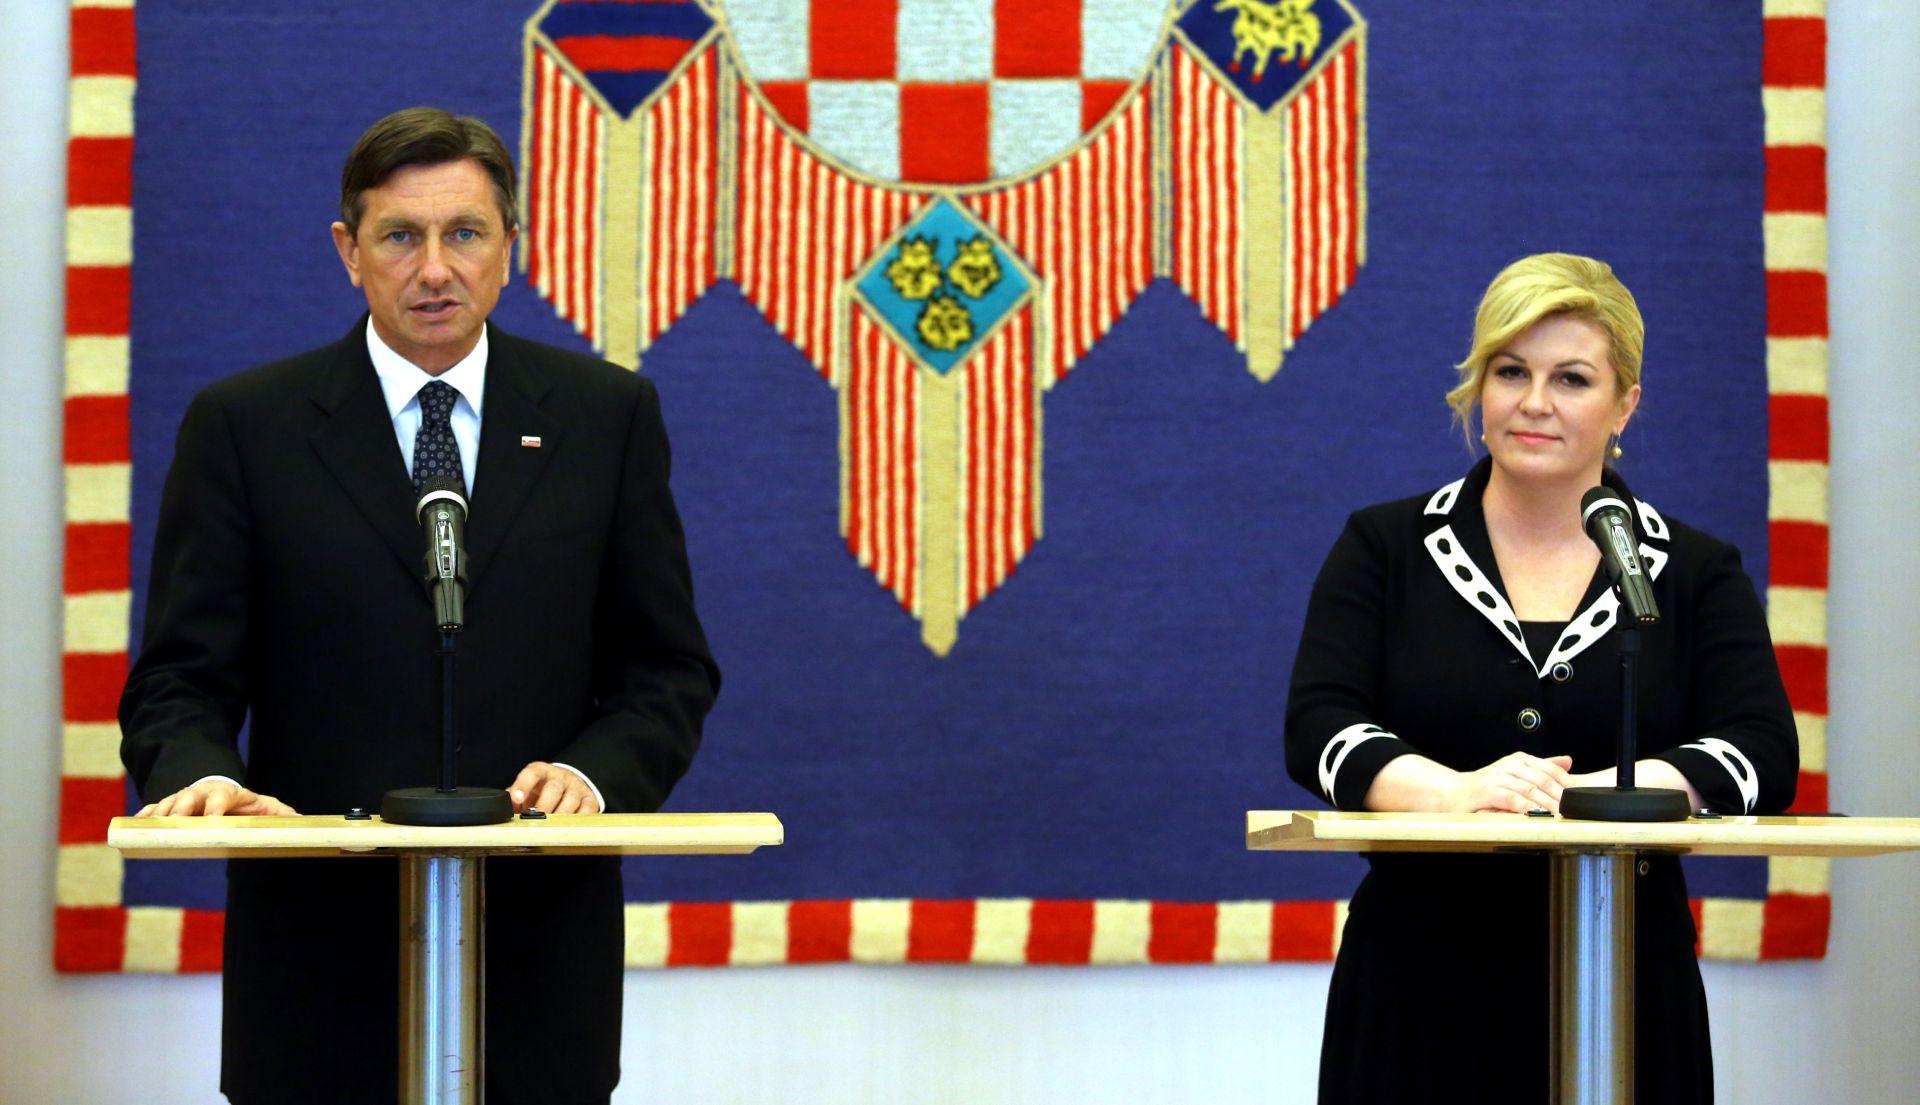 SLOVENIJA ODGOVORILA NA HRVATSKU NOTU Grabar-Kitarović i Pahor: Potrebno je izbjegavati incidente